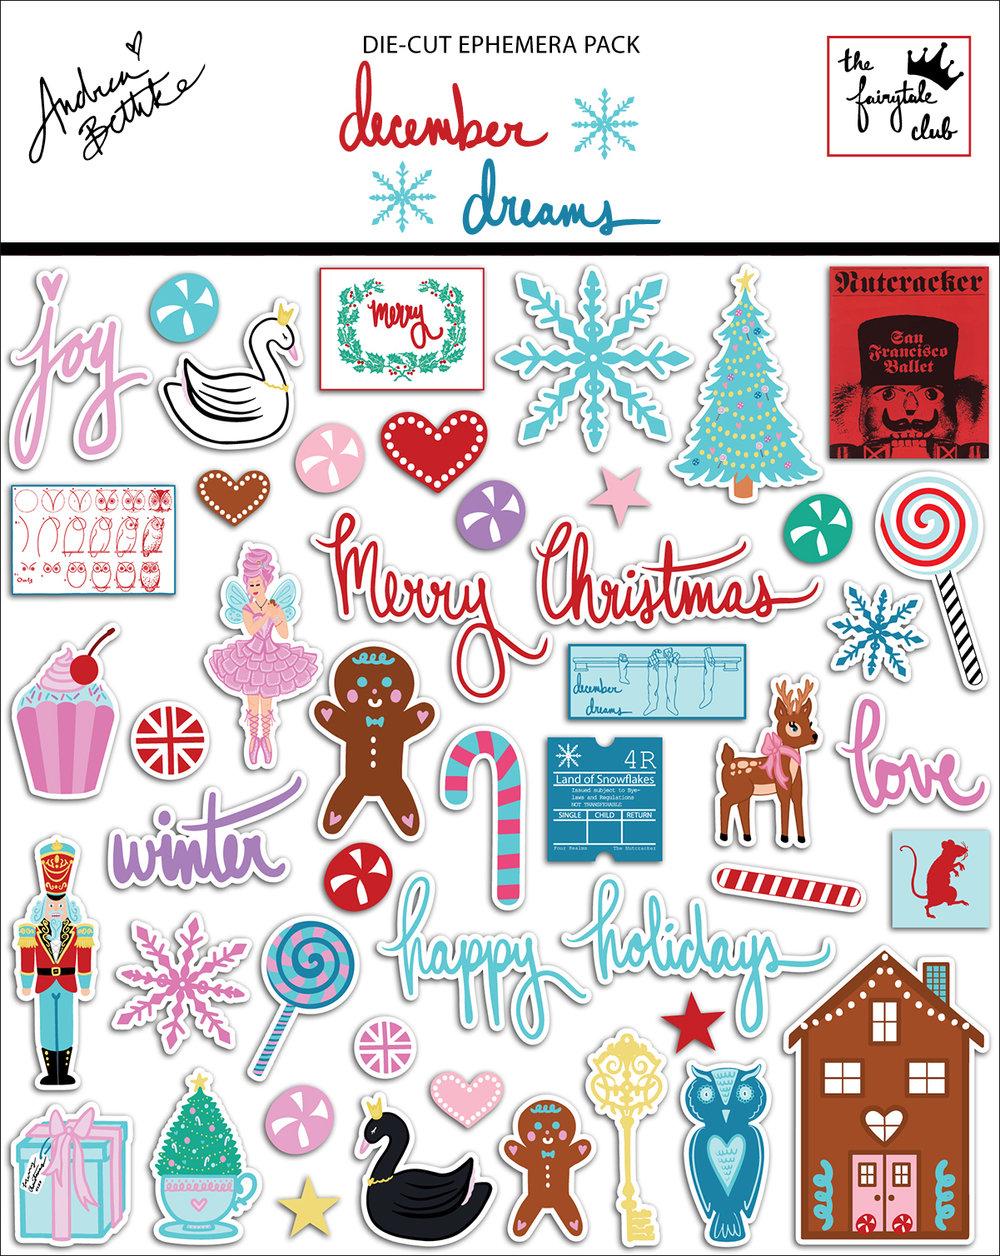 December Dreams - Die Cut Ephemera Pack with Package.jpg